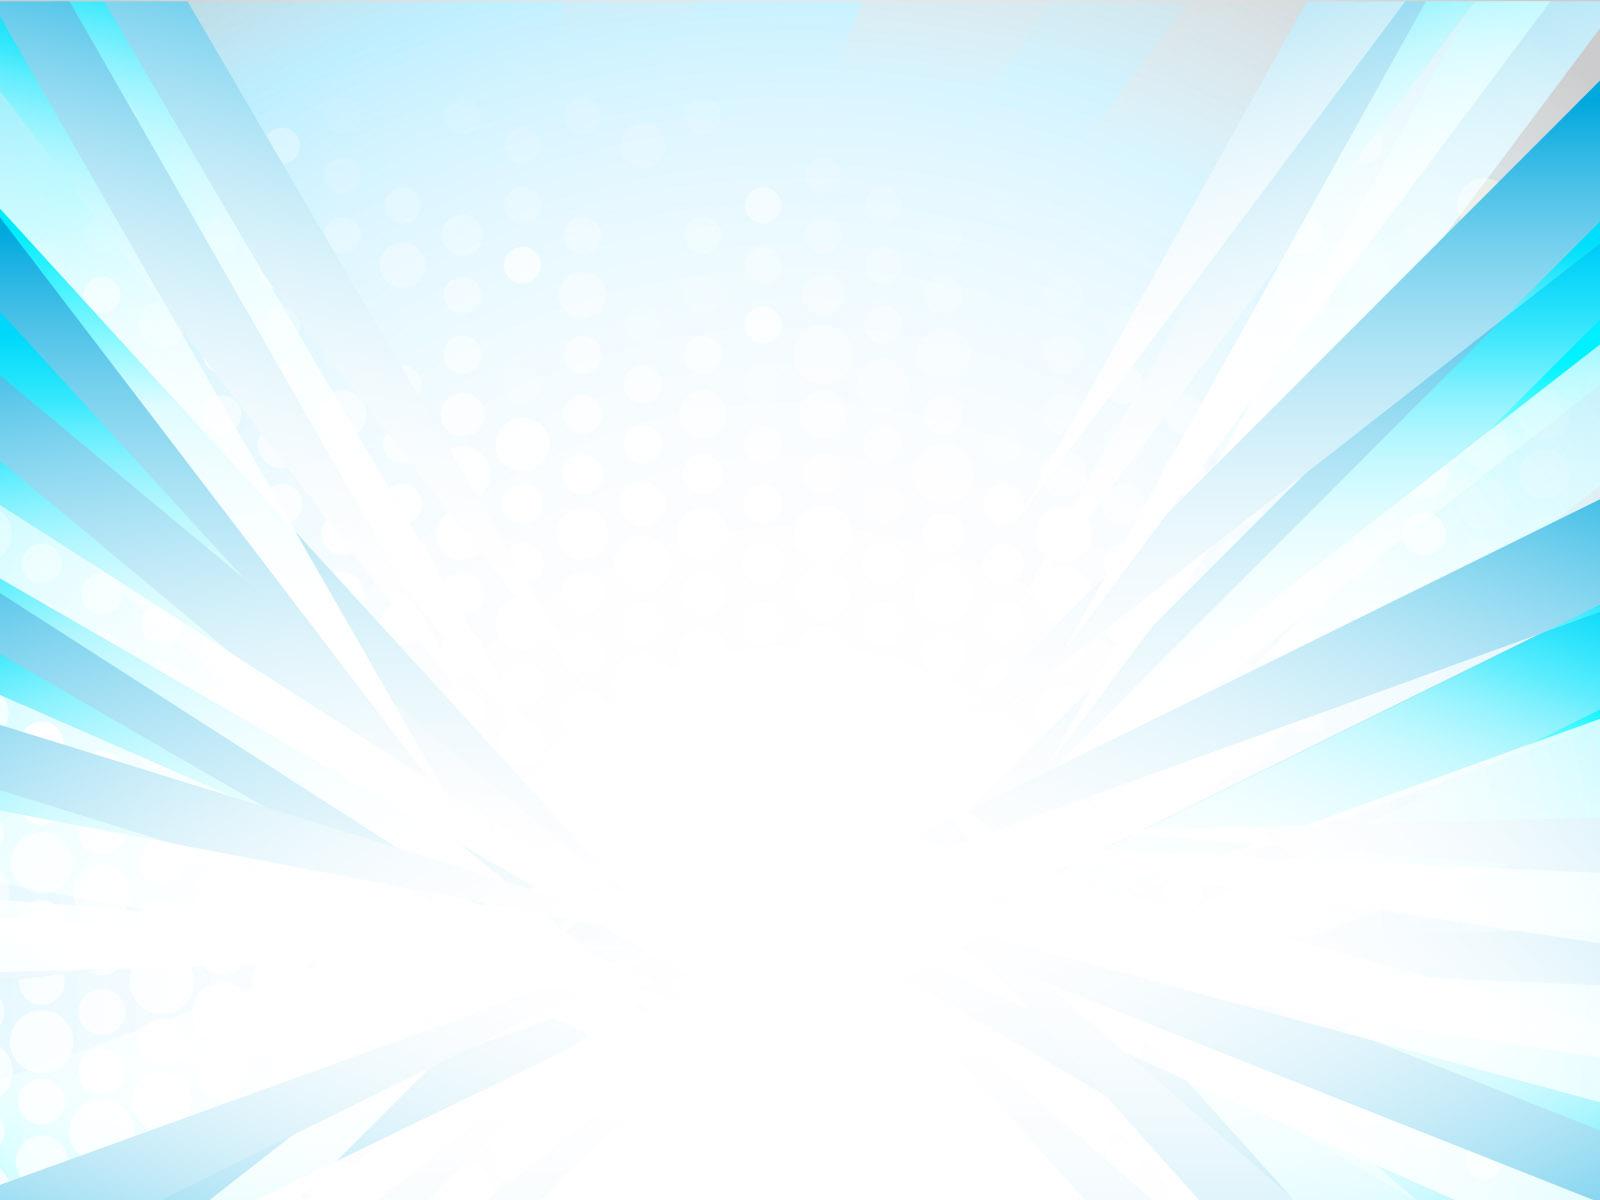 Hình nền powerpoint màu xanh dương nhật